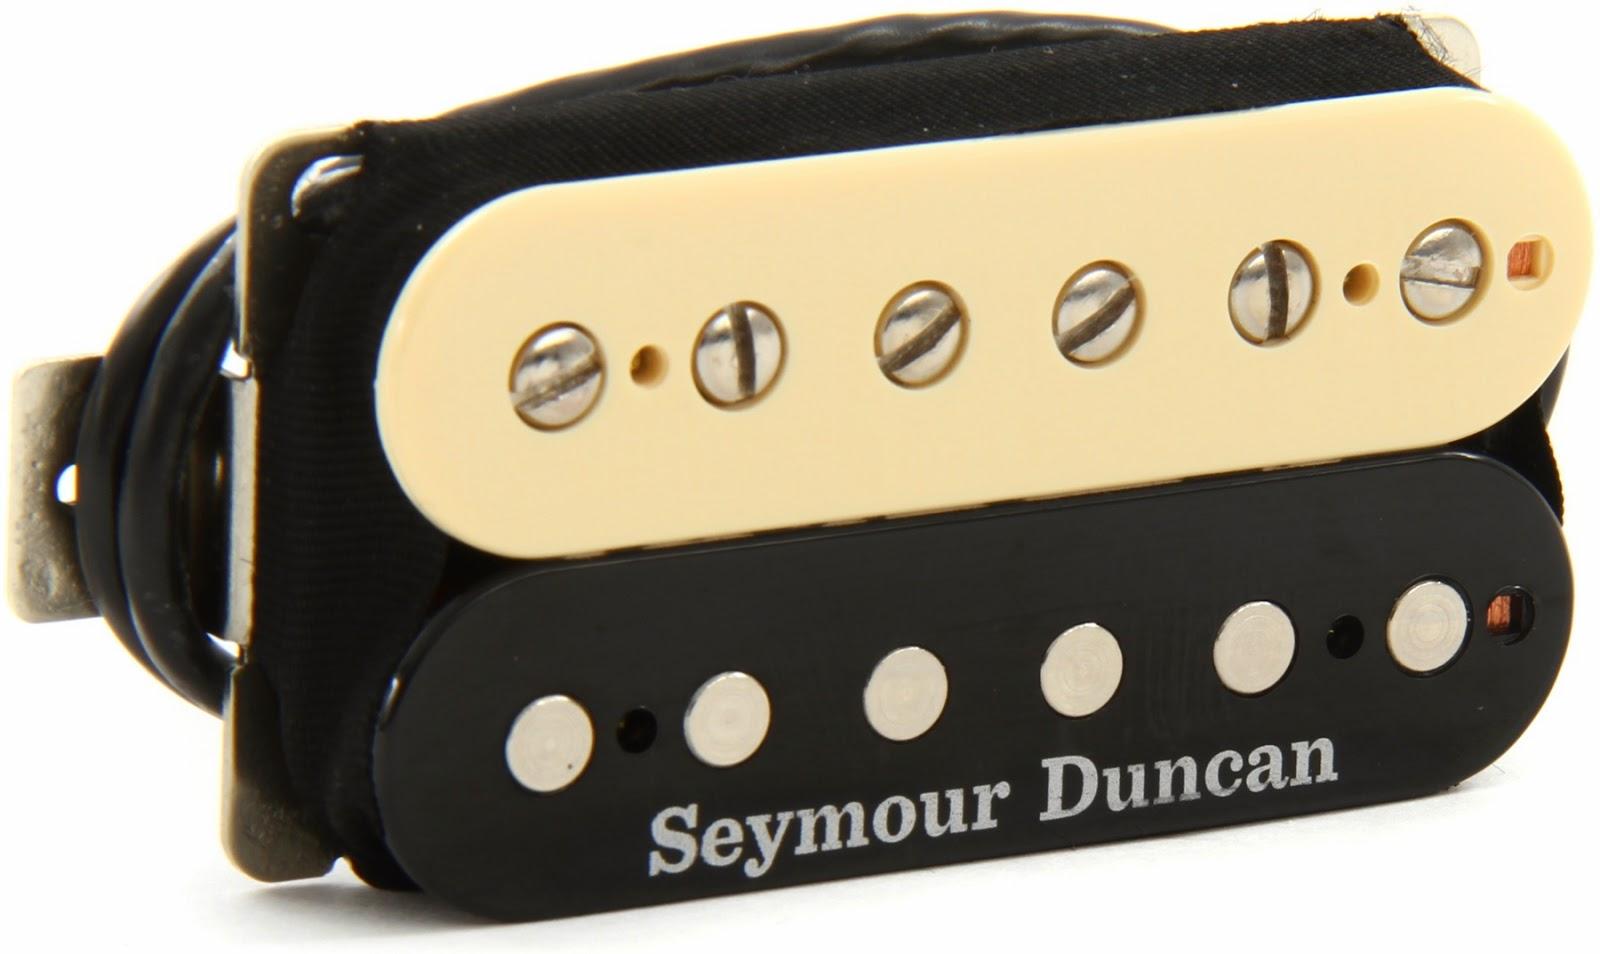 GUITARISM: Seymour Duncan 59 (SH-1) Review